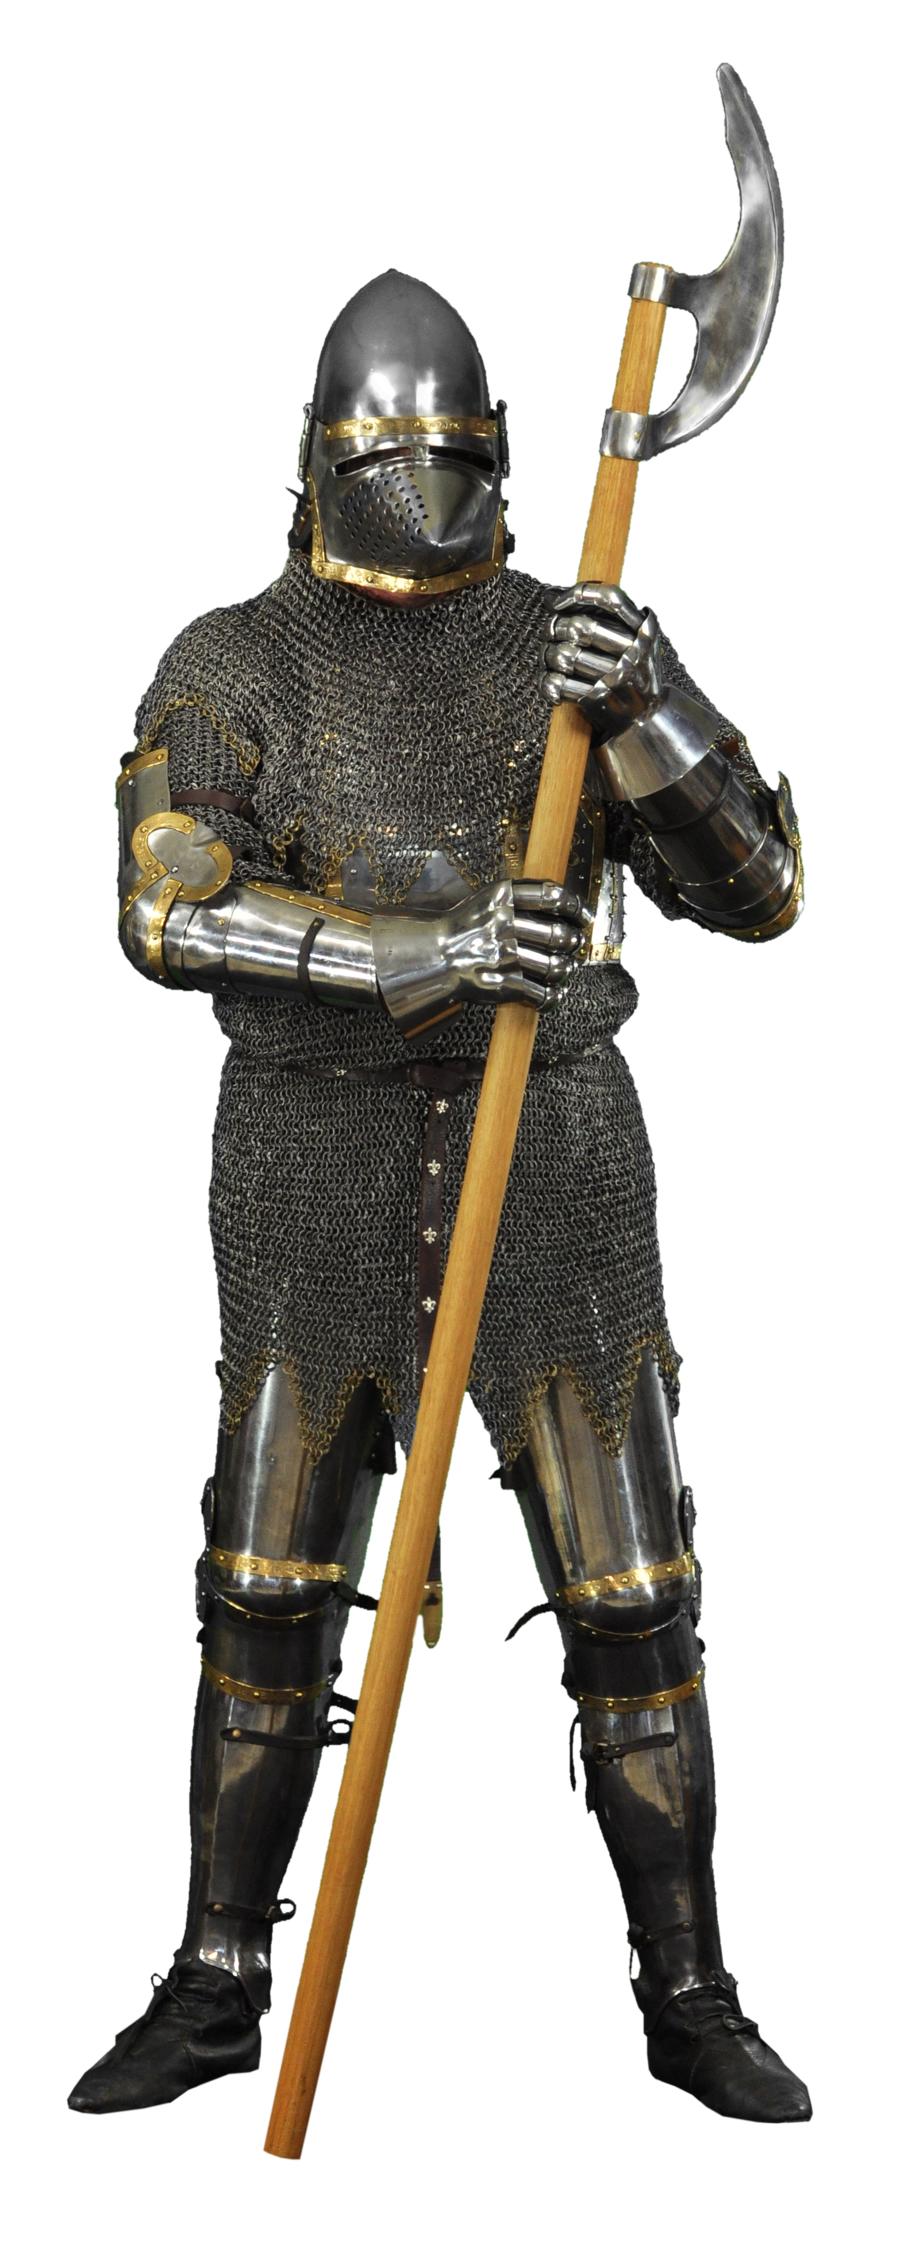 клипарт, тяжелый рыцарь с алебардой, фото, скачать, knight